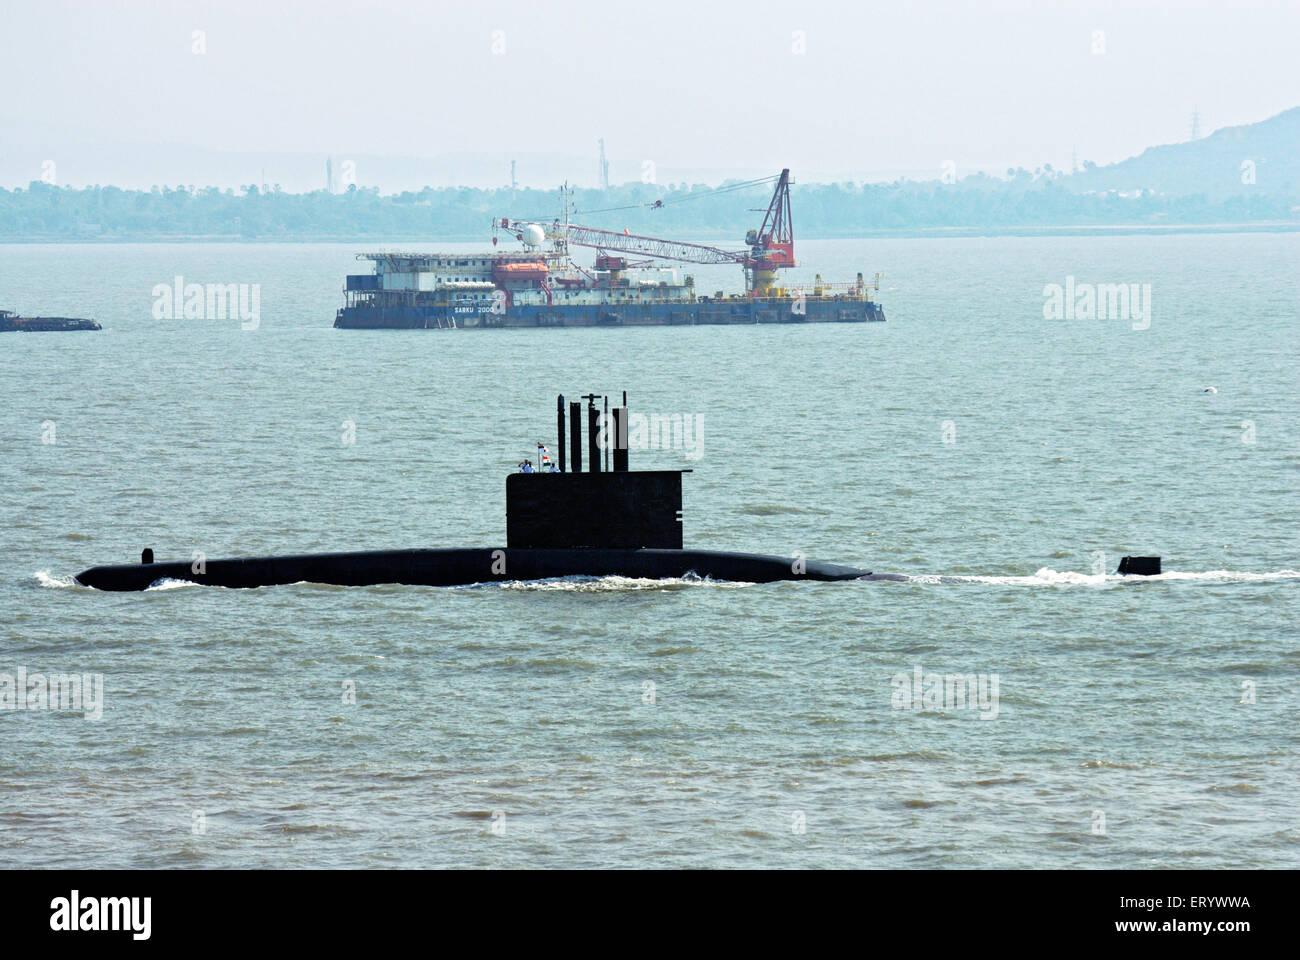 Indian navy officer on the deck of submarine ; Bombay ; Mumbai ; Maharashtra ; India - Stock Image